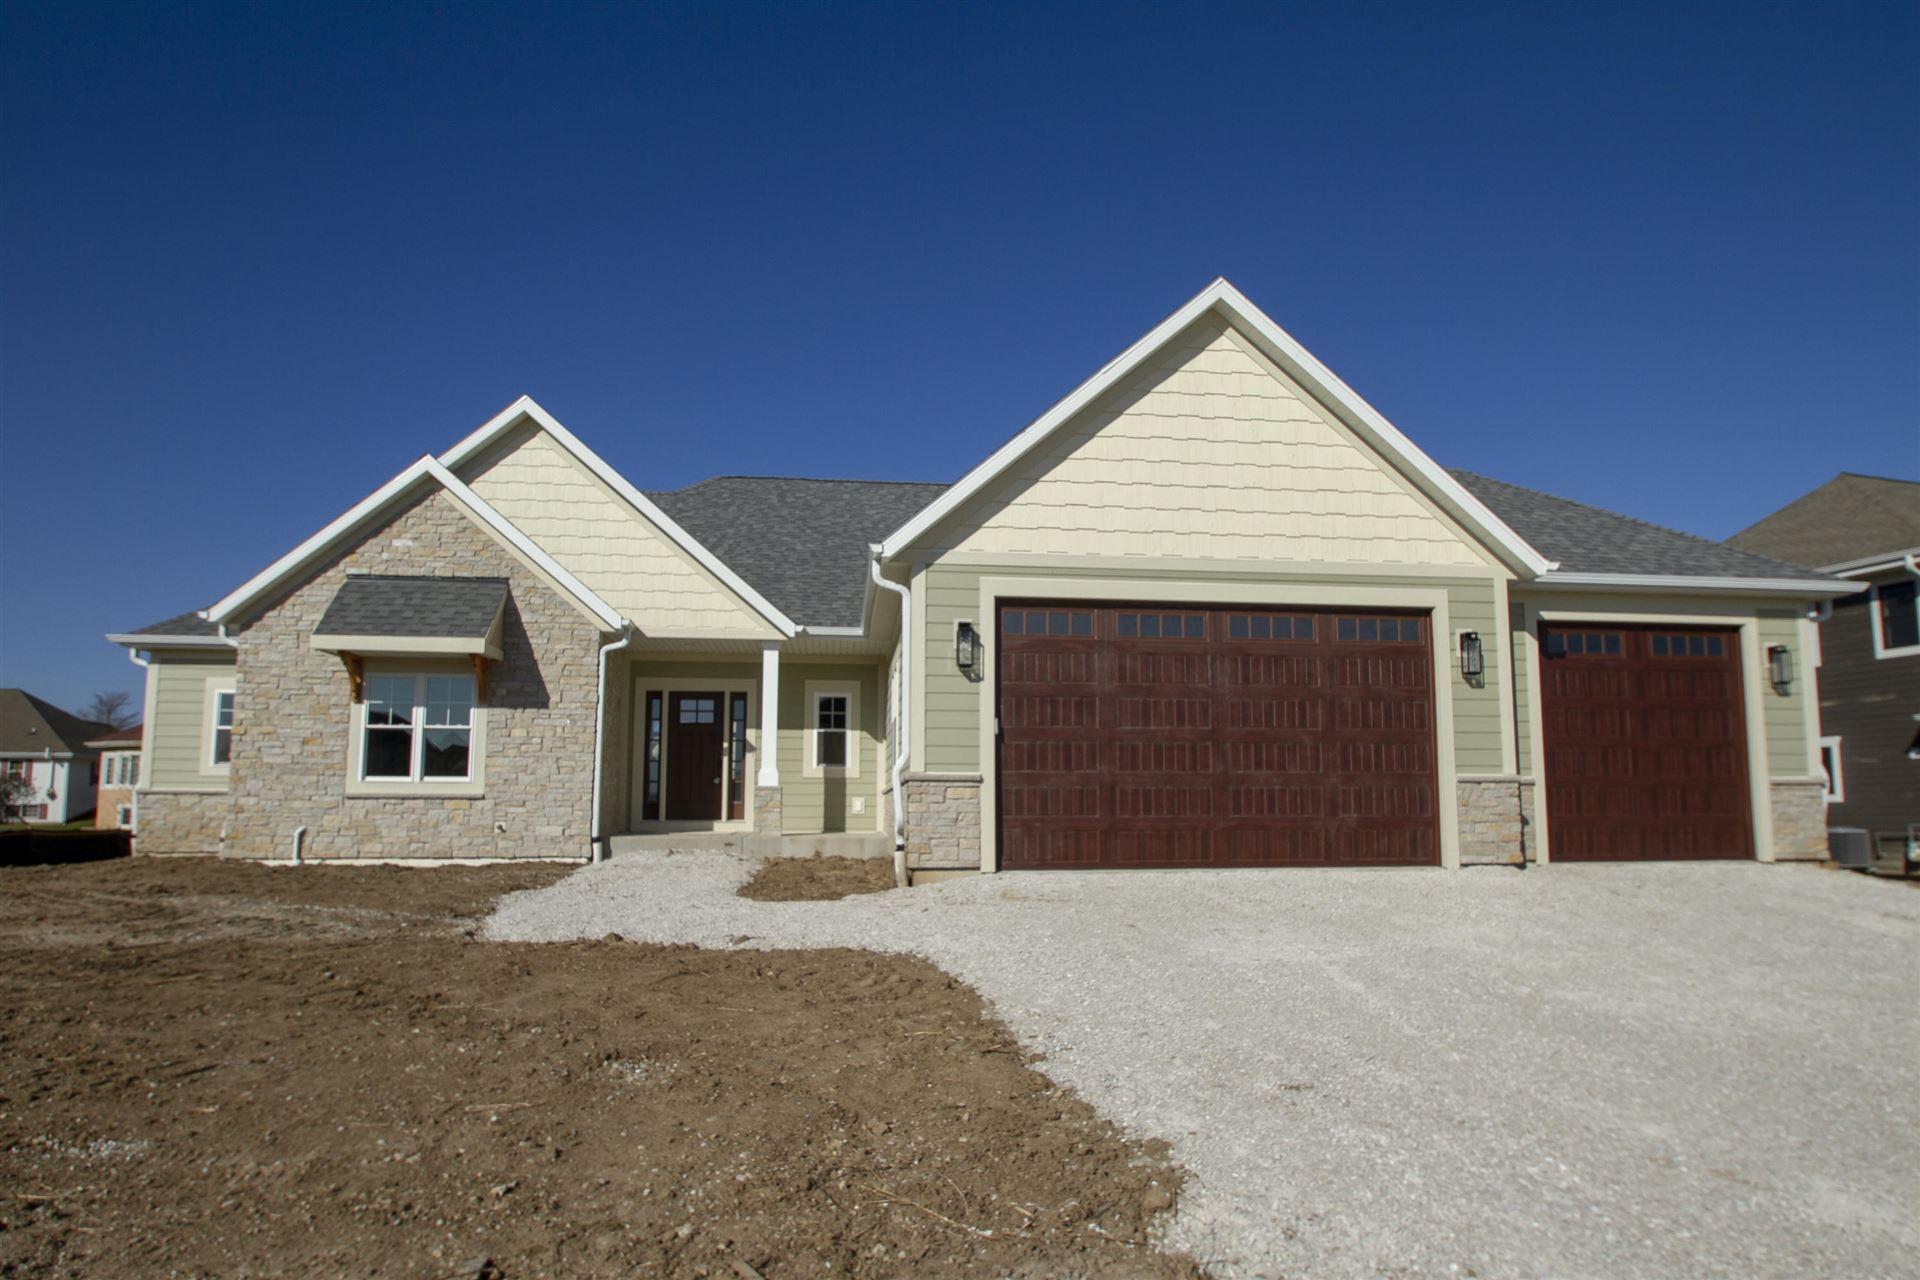 1084 W Morningside Ln, Oak Creek, WI 53154 - #: 1717980